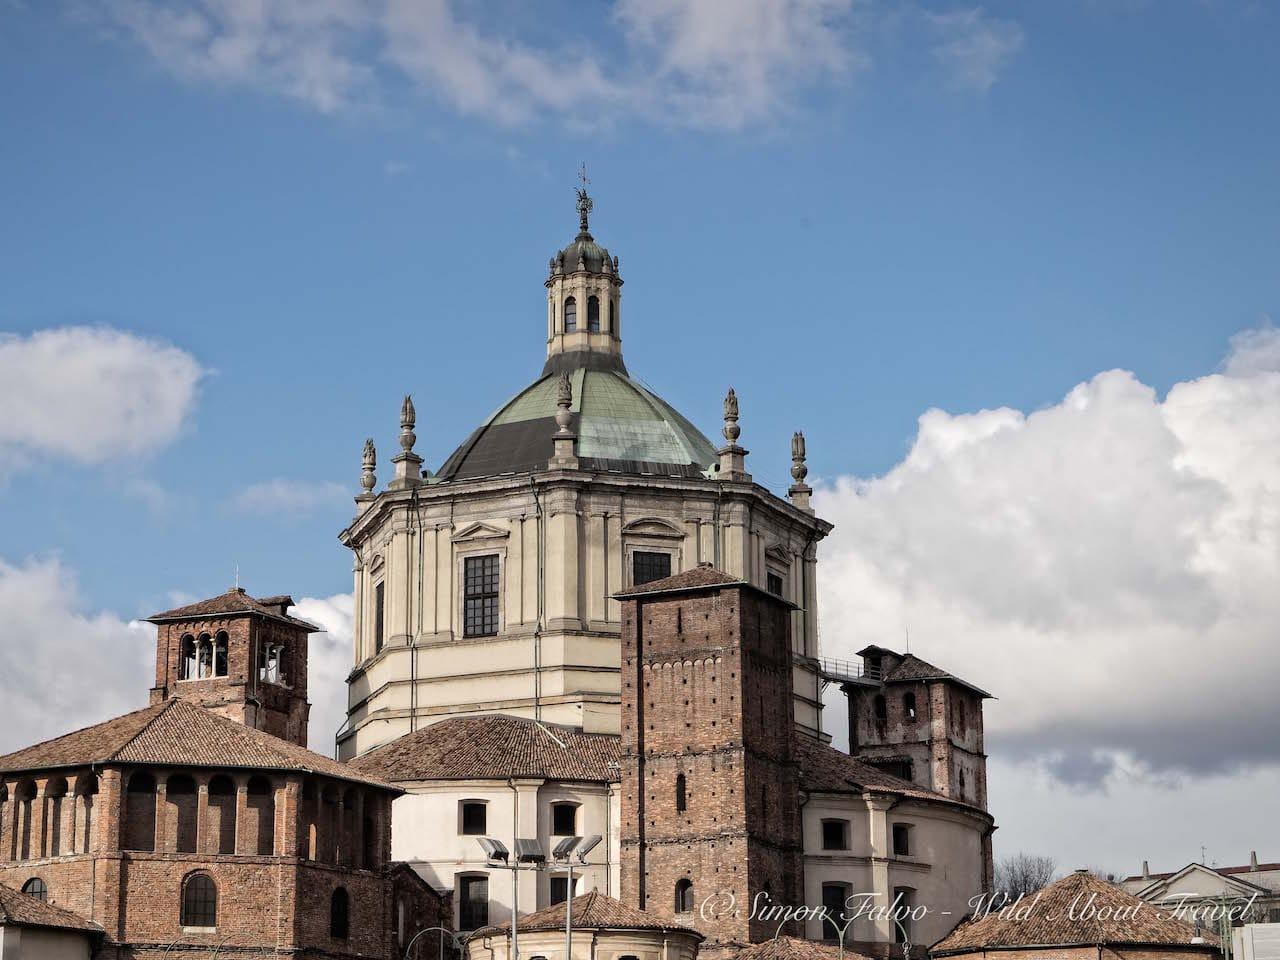 Milan S. Lorenzo Basilica